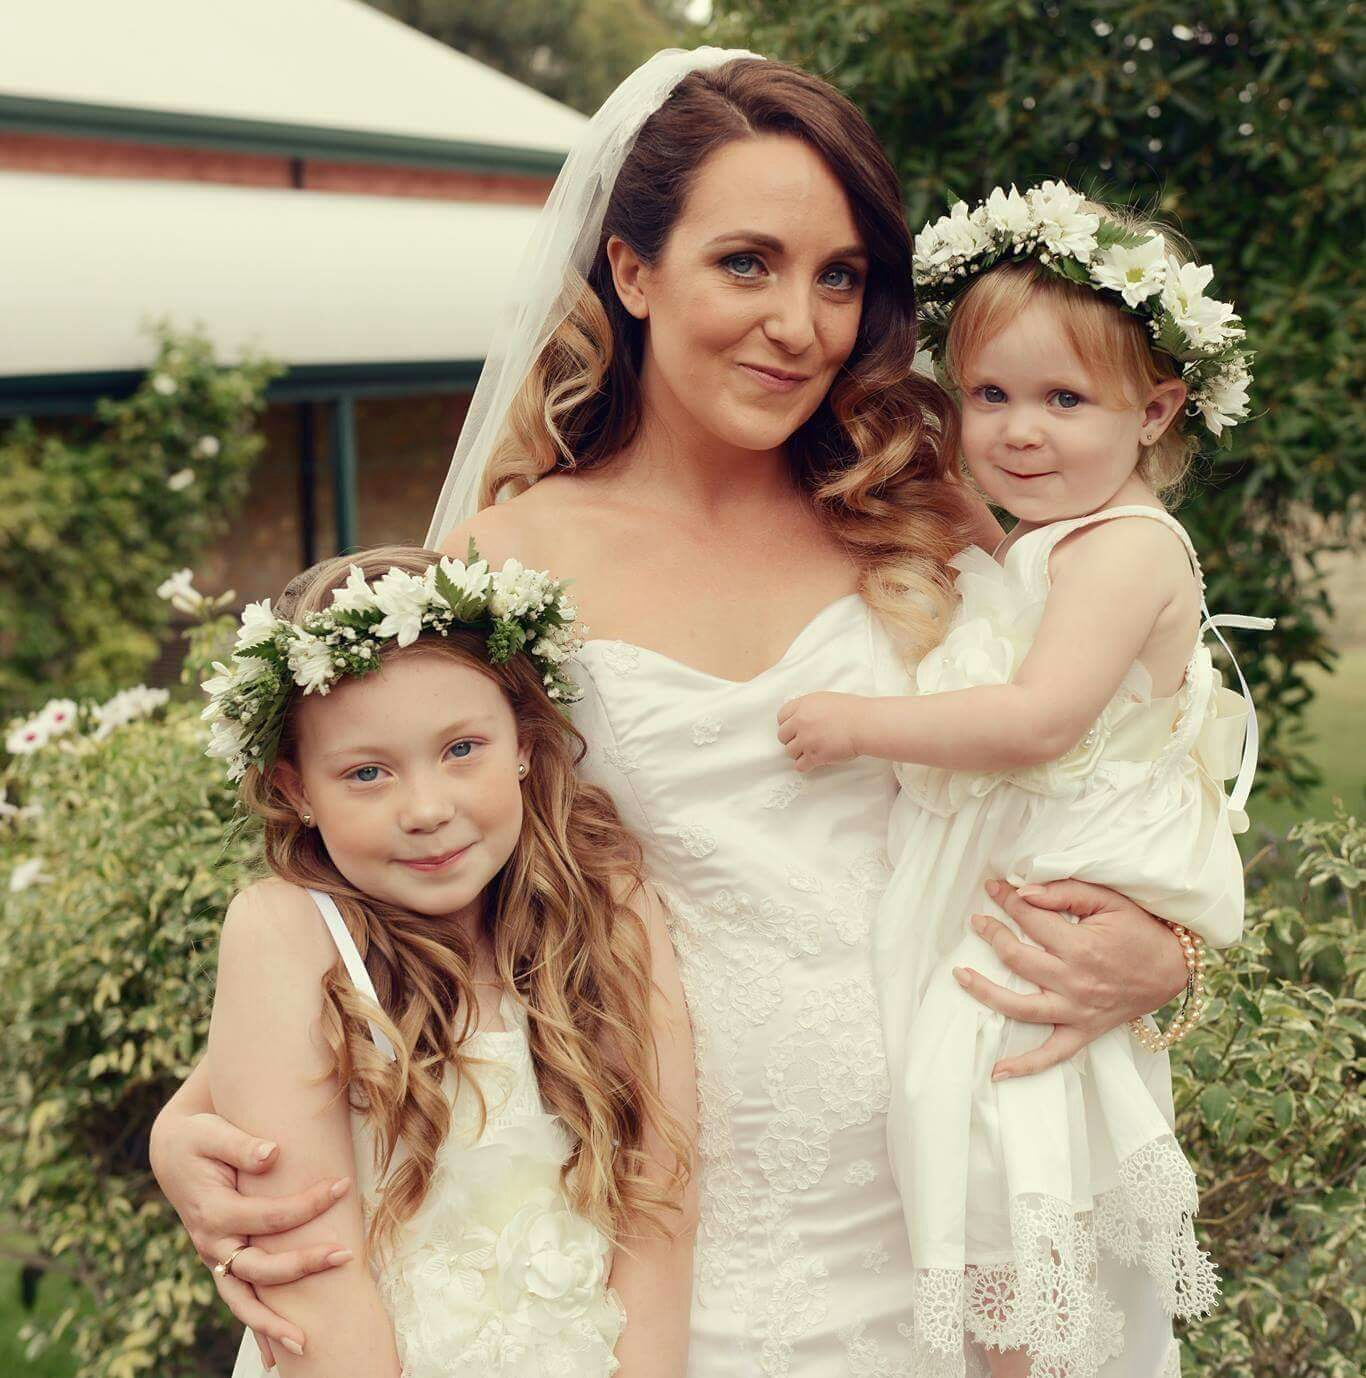 Flowers Of Envy Bride & Flower Girls